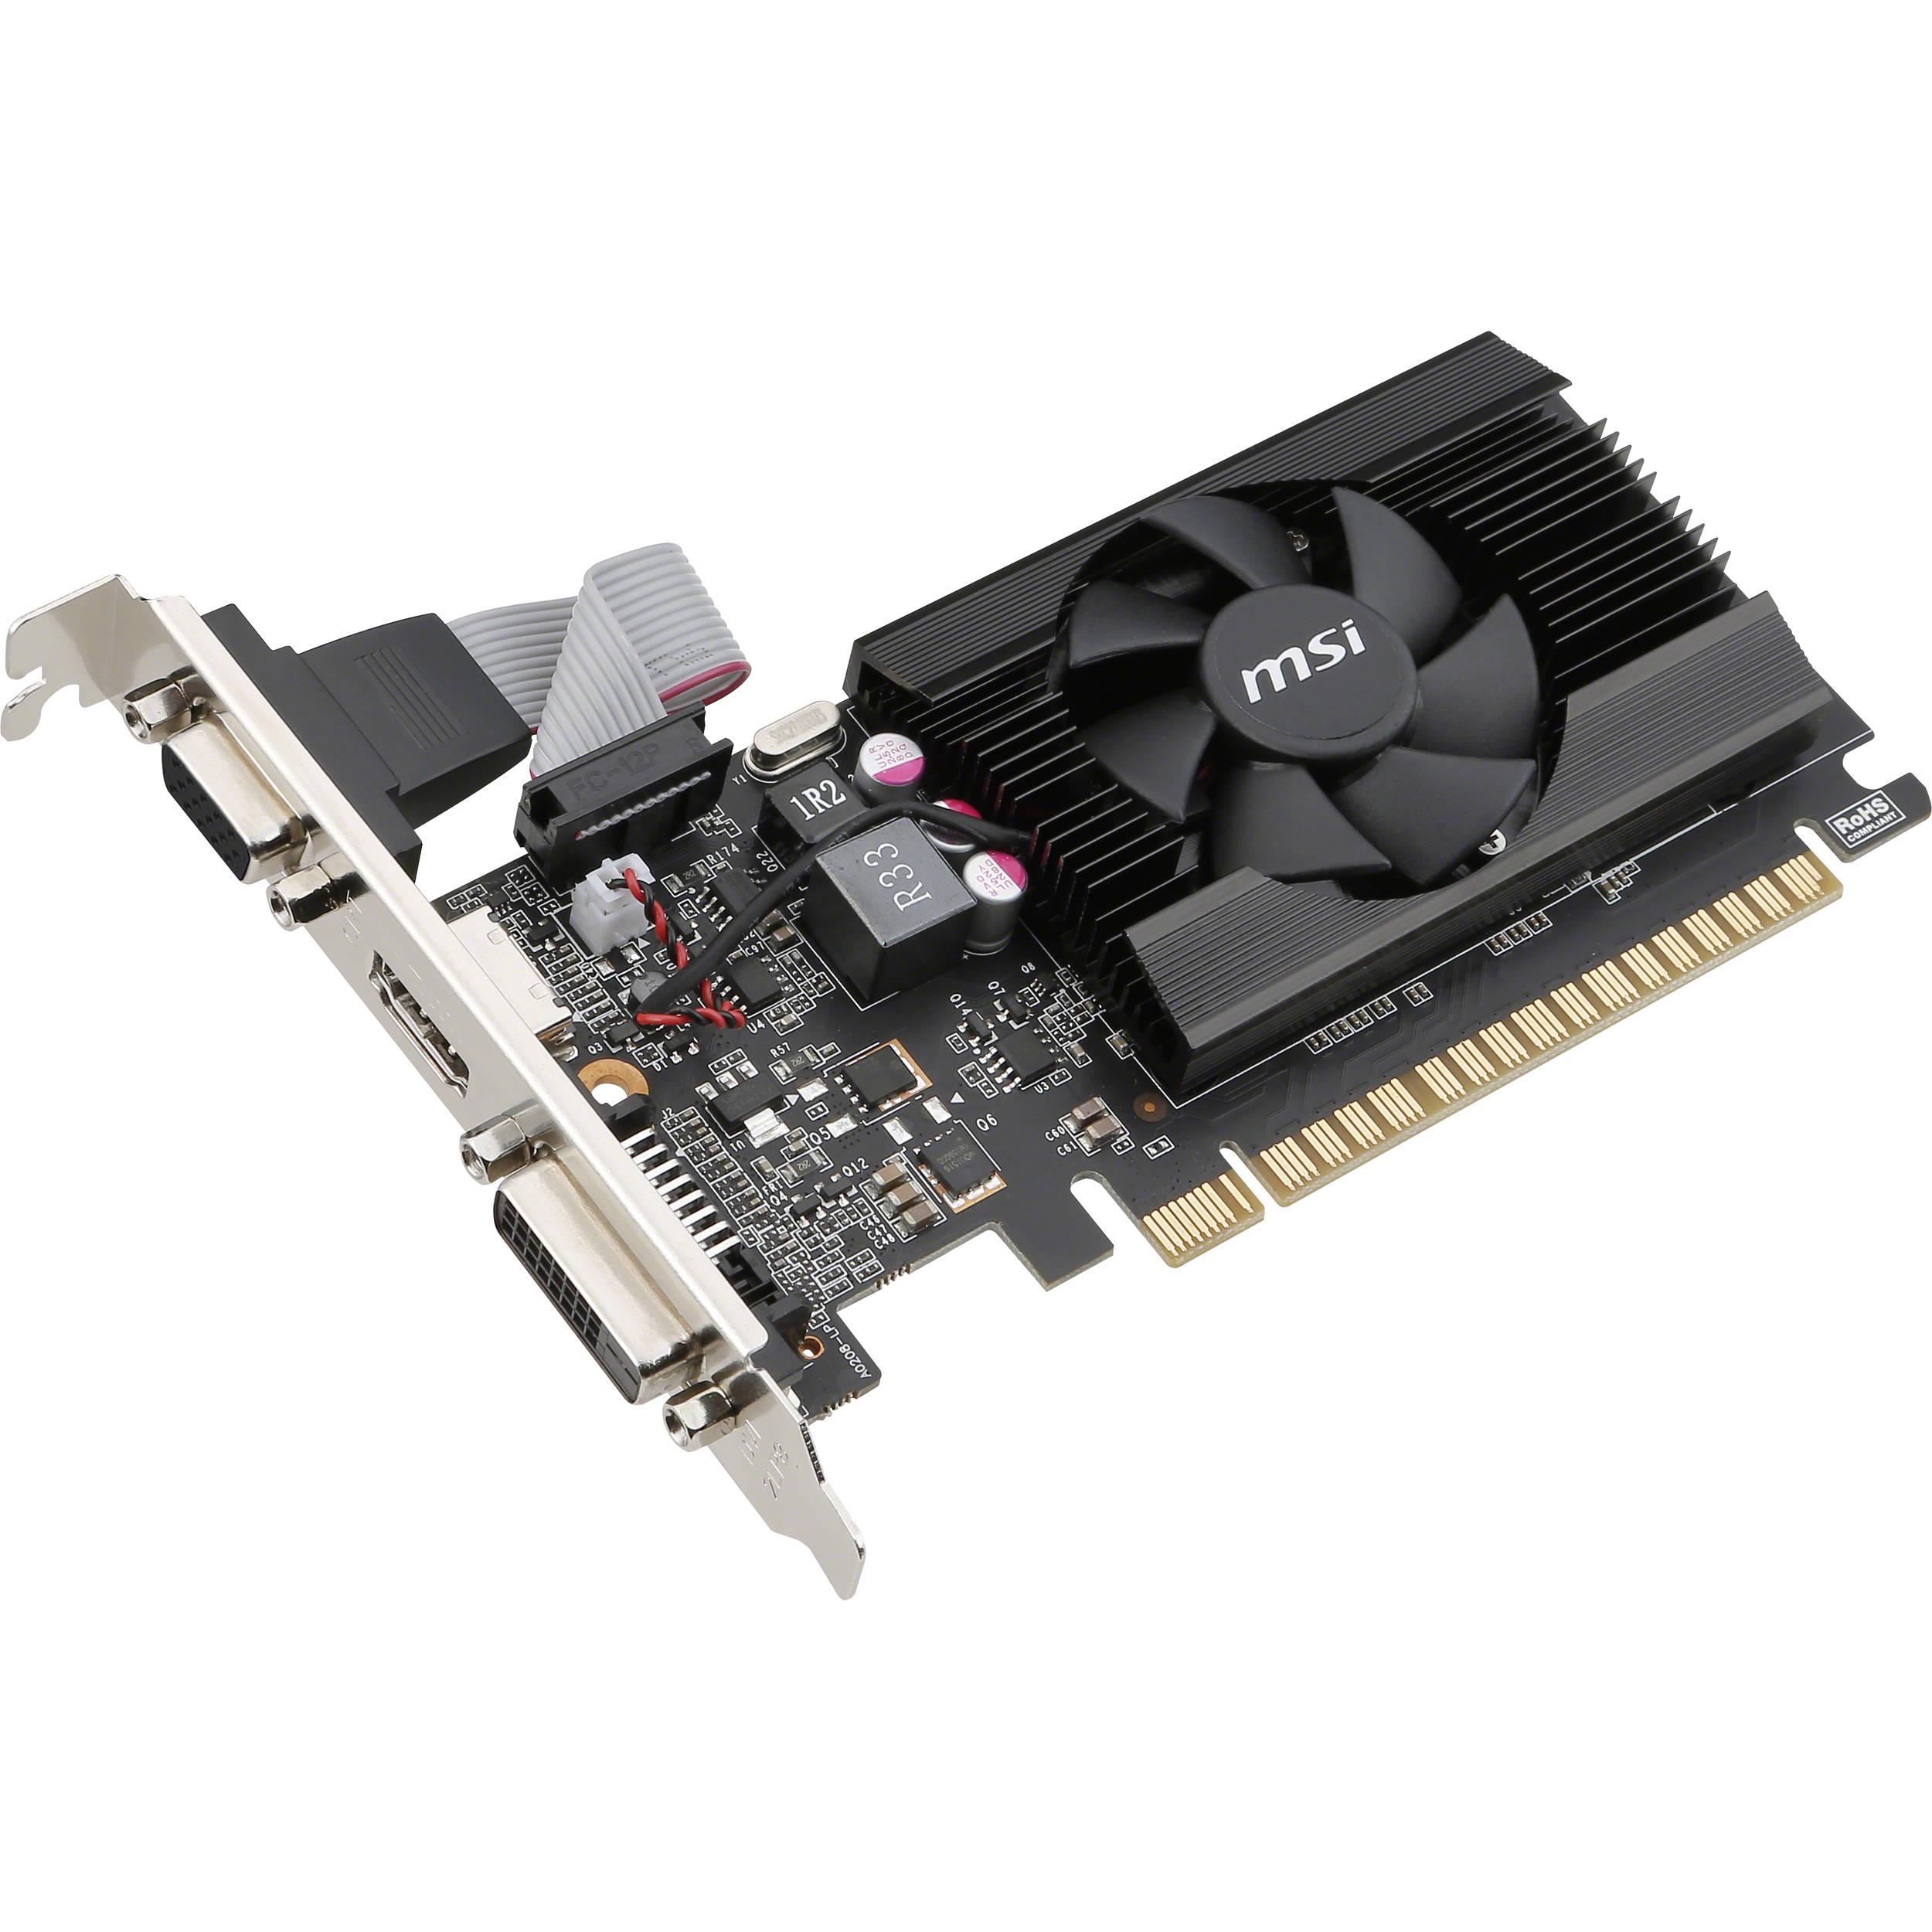 MSI NVIDIA GeForce GT 710 2GB DDR3 VGA//DVI//HDMI Low Profile pci-e Video